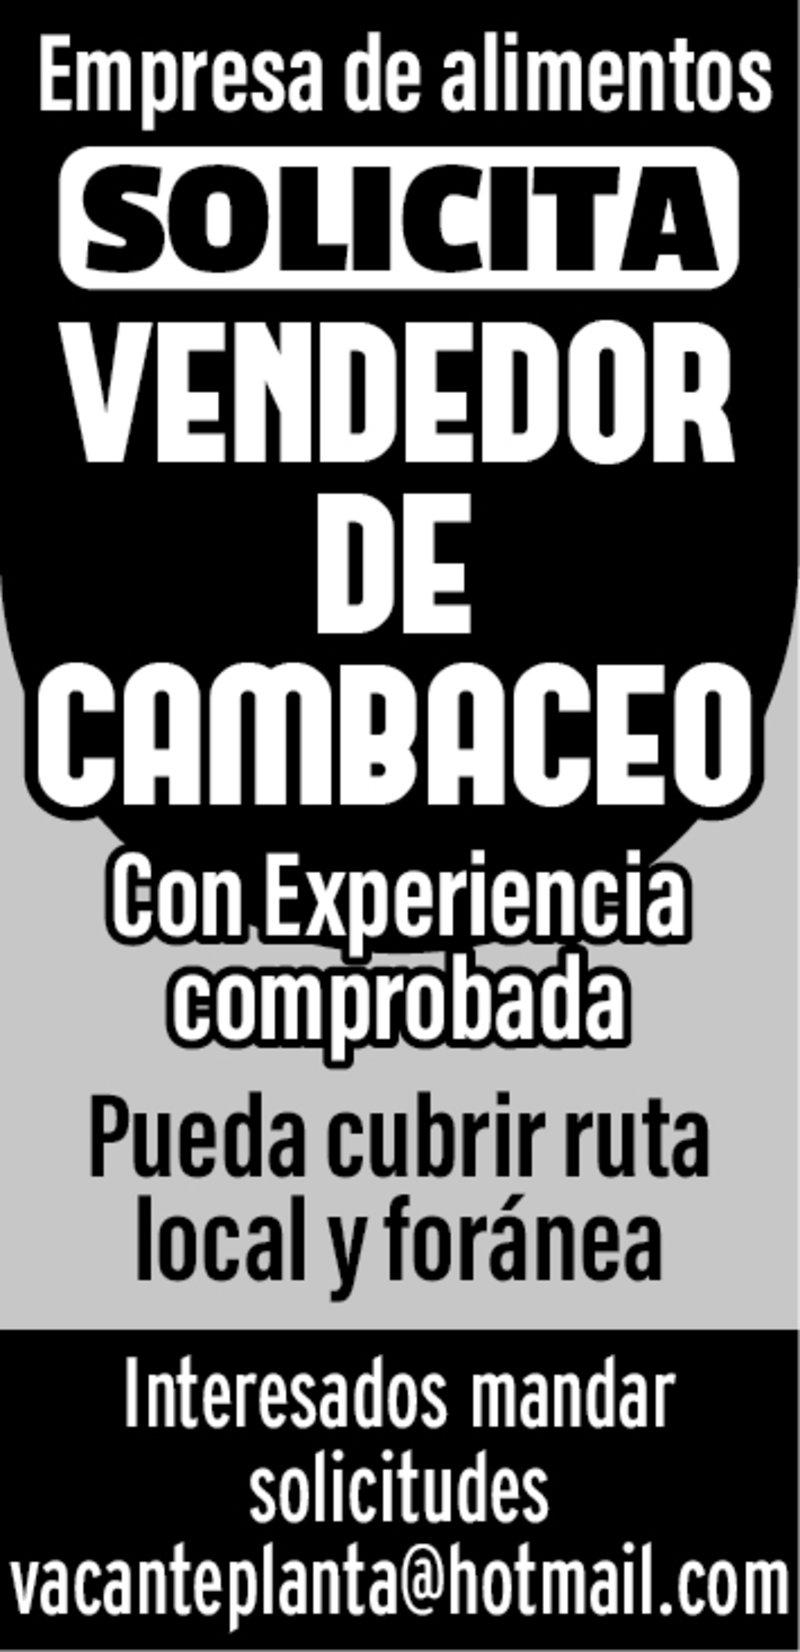 SOLICITAMOS VENDEDOR DE CAMBACEO